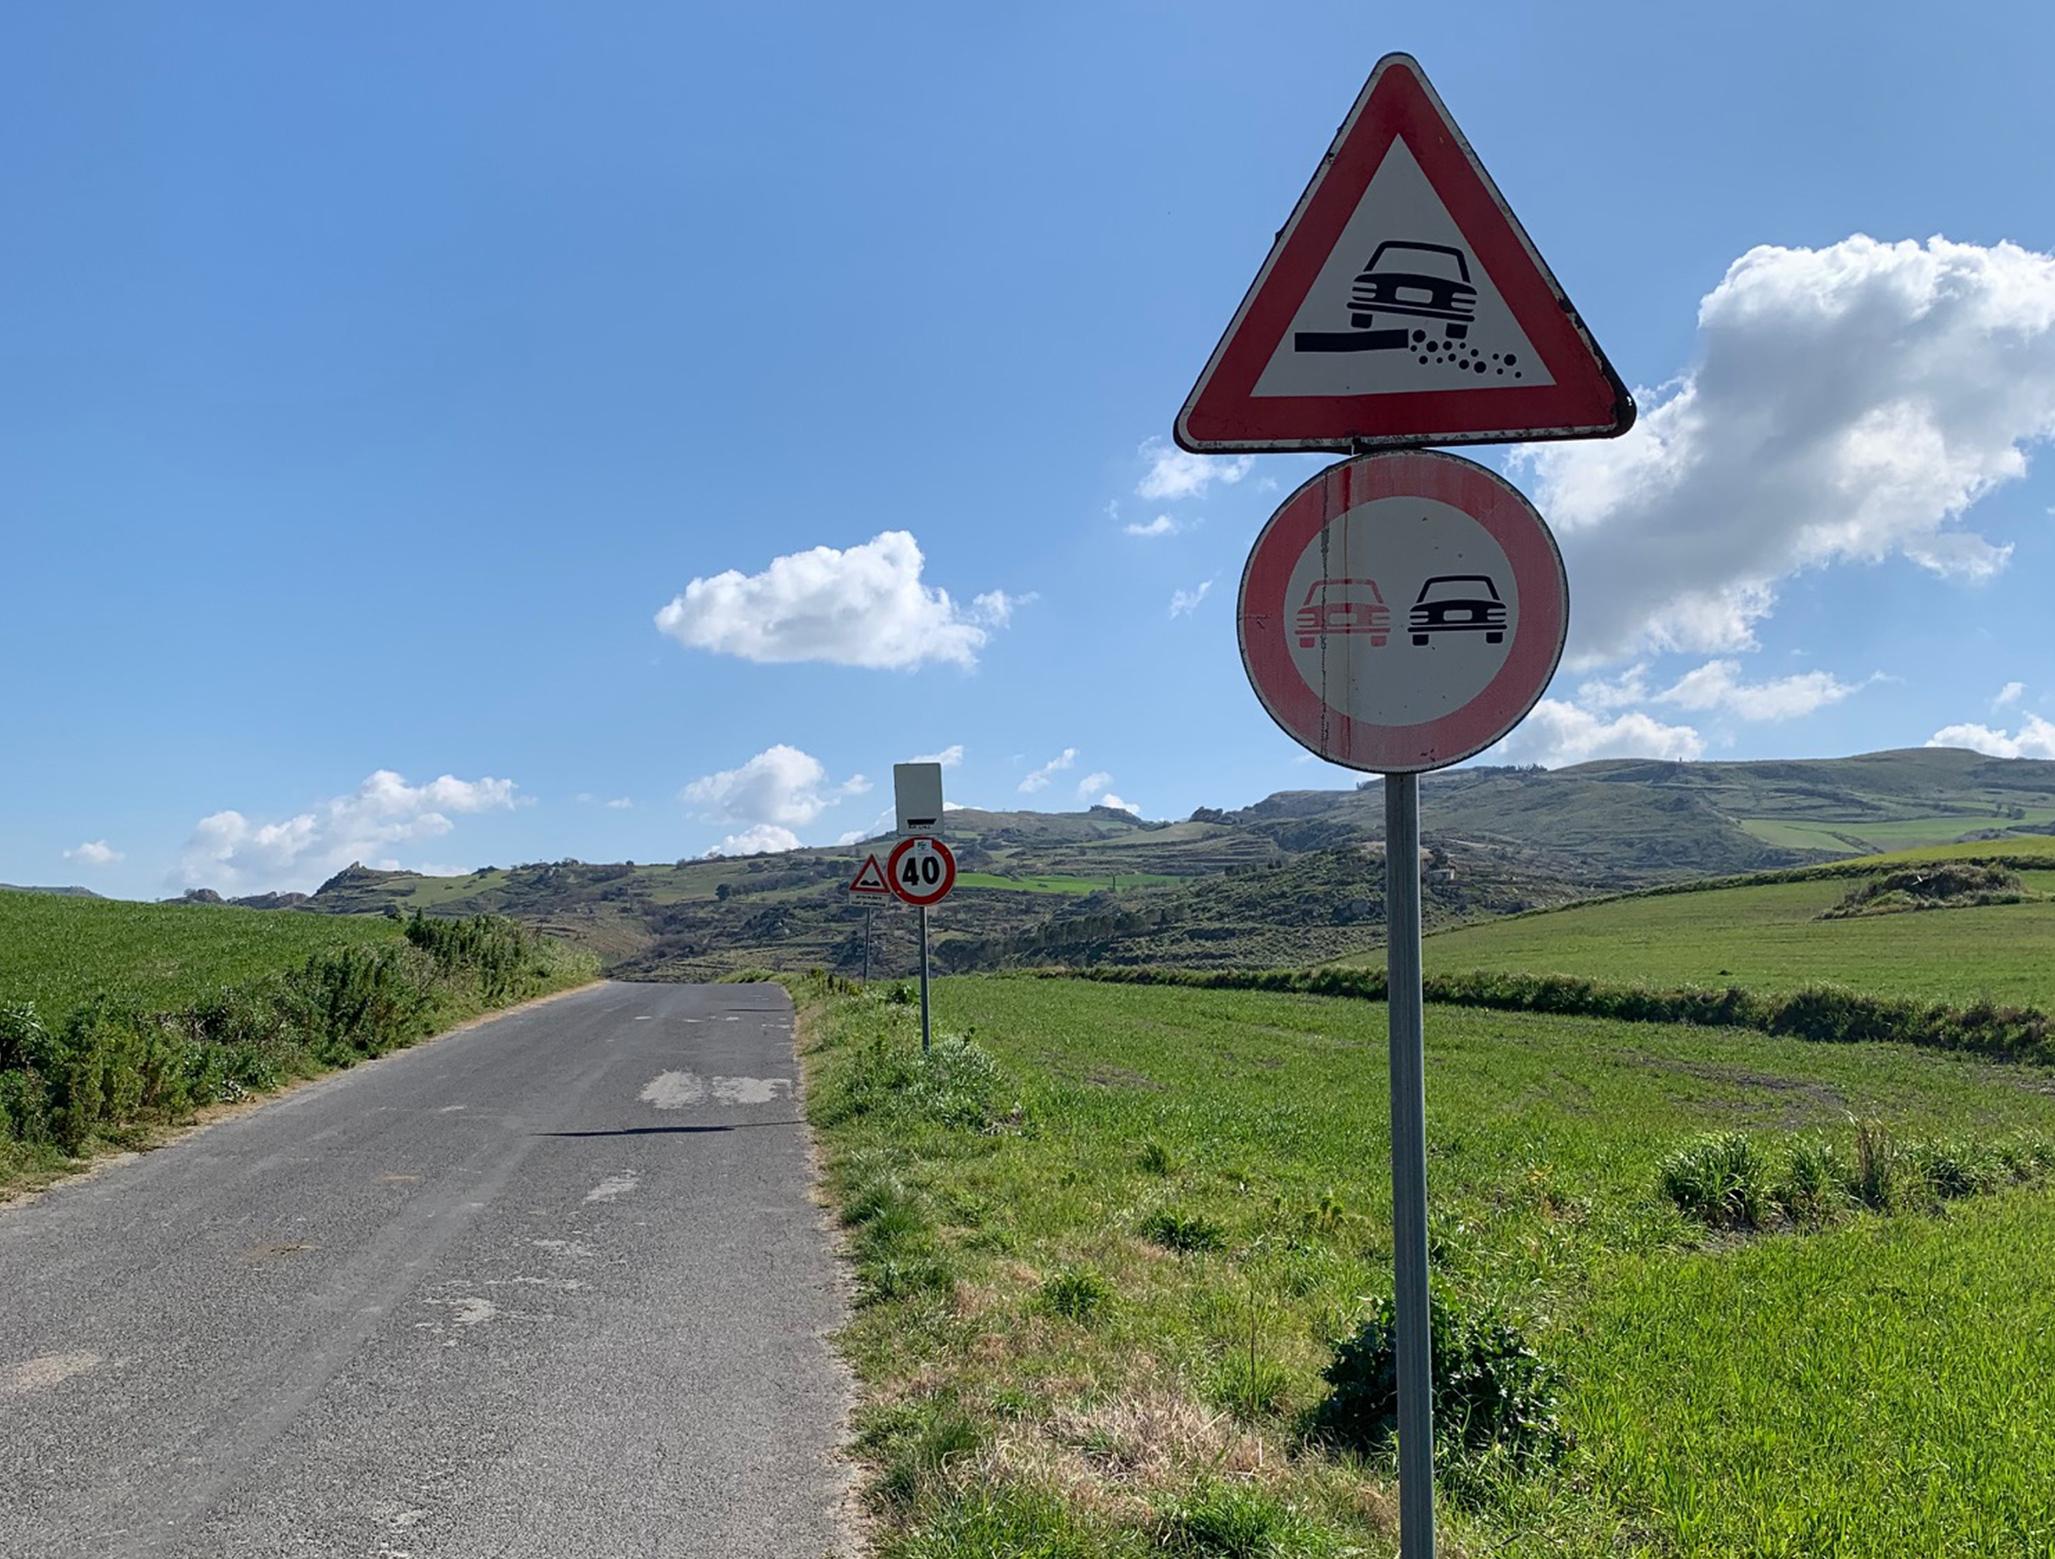 シチリアでの道路状況、駐車場、ガソリンスタンドの使い方/ドライブHow to4